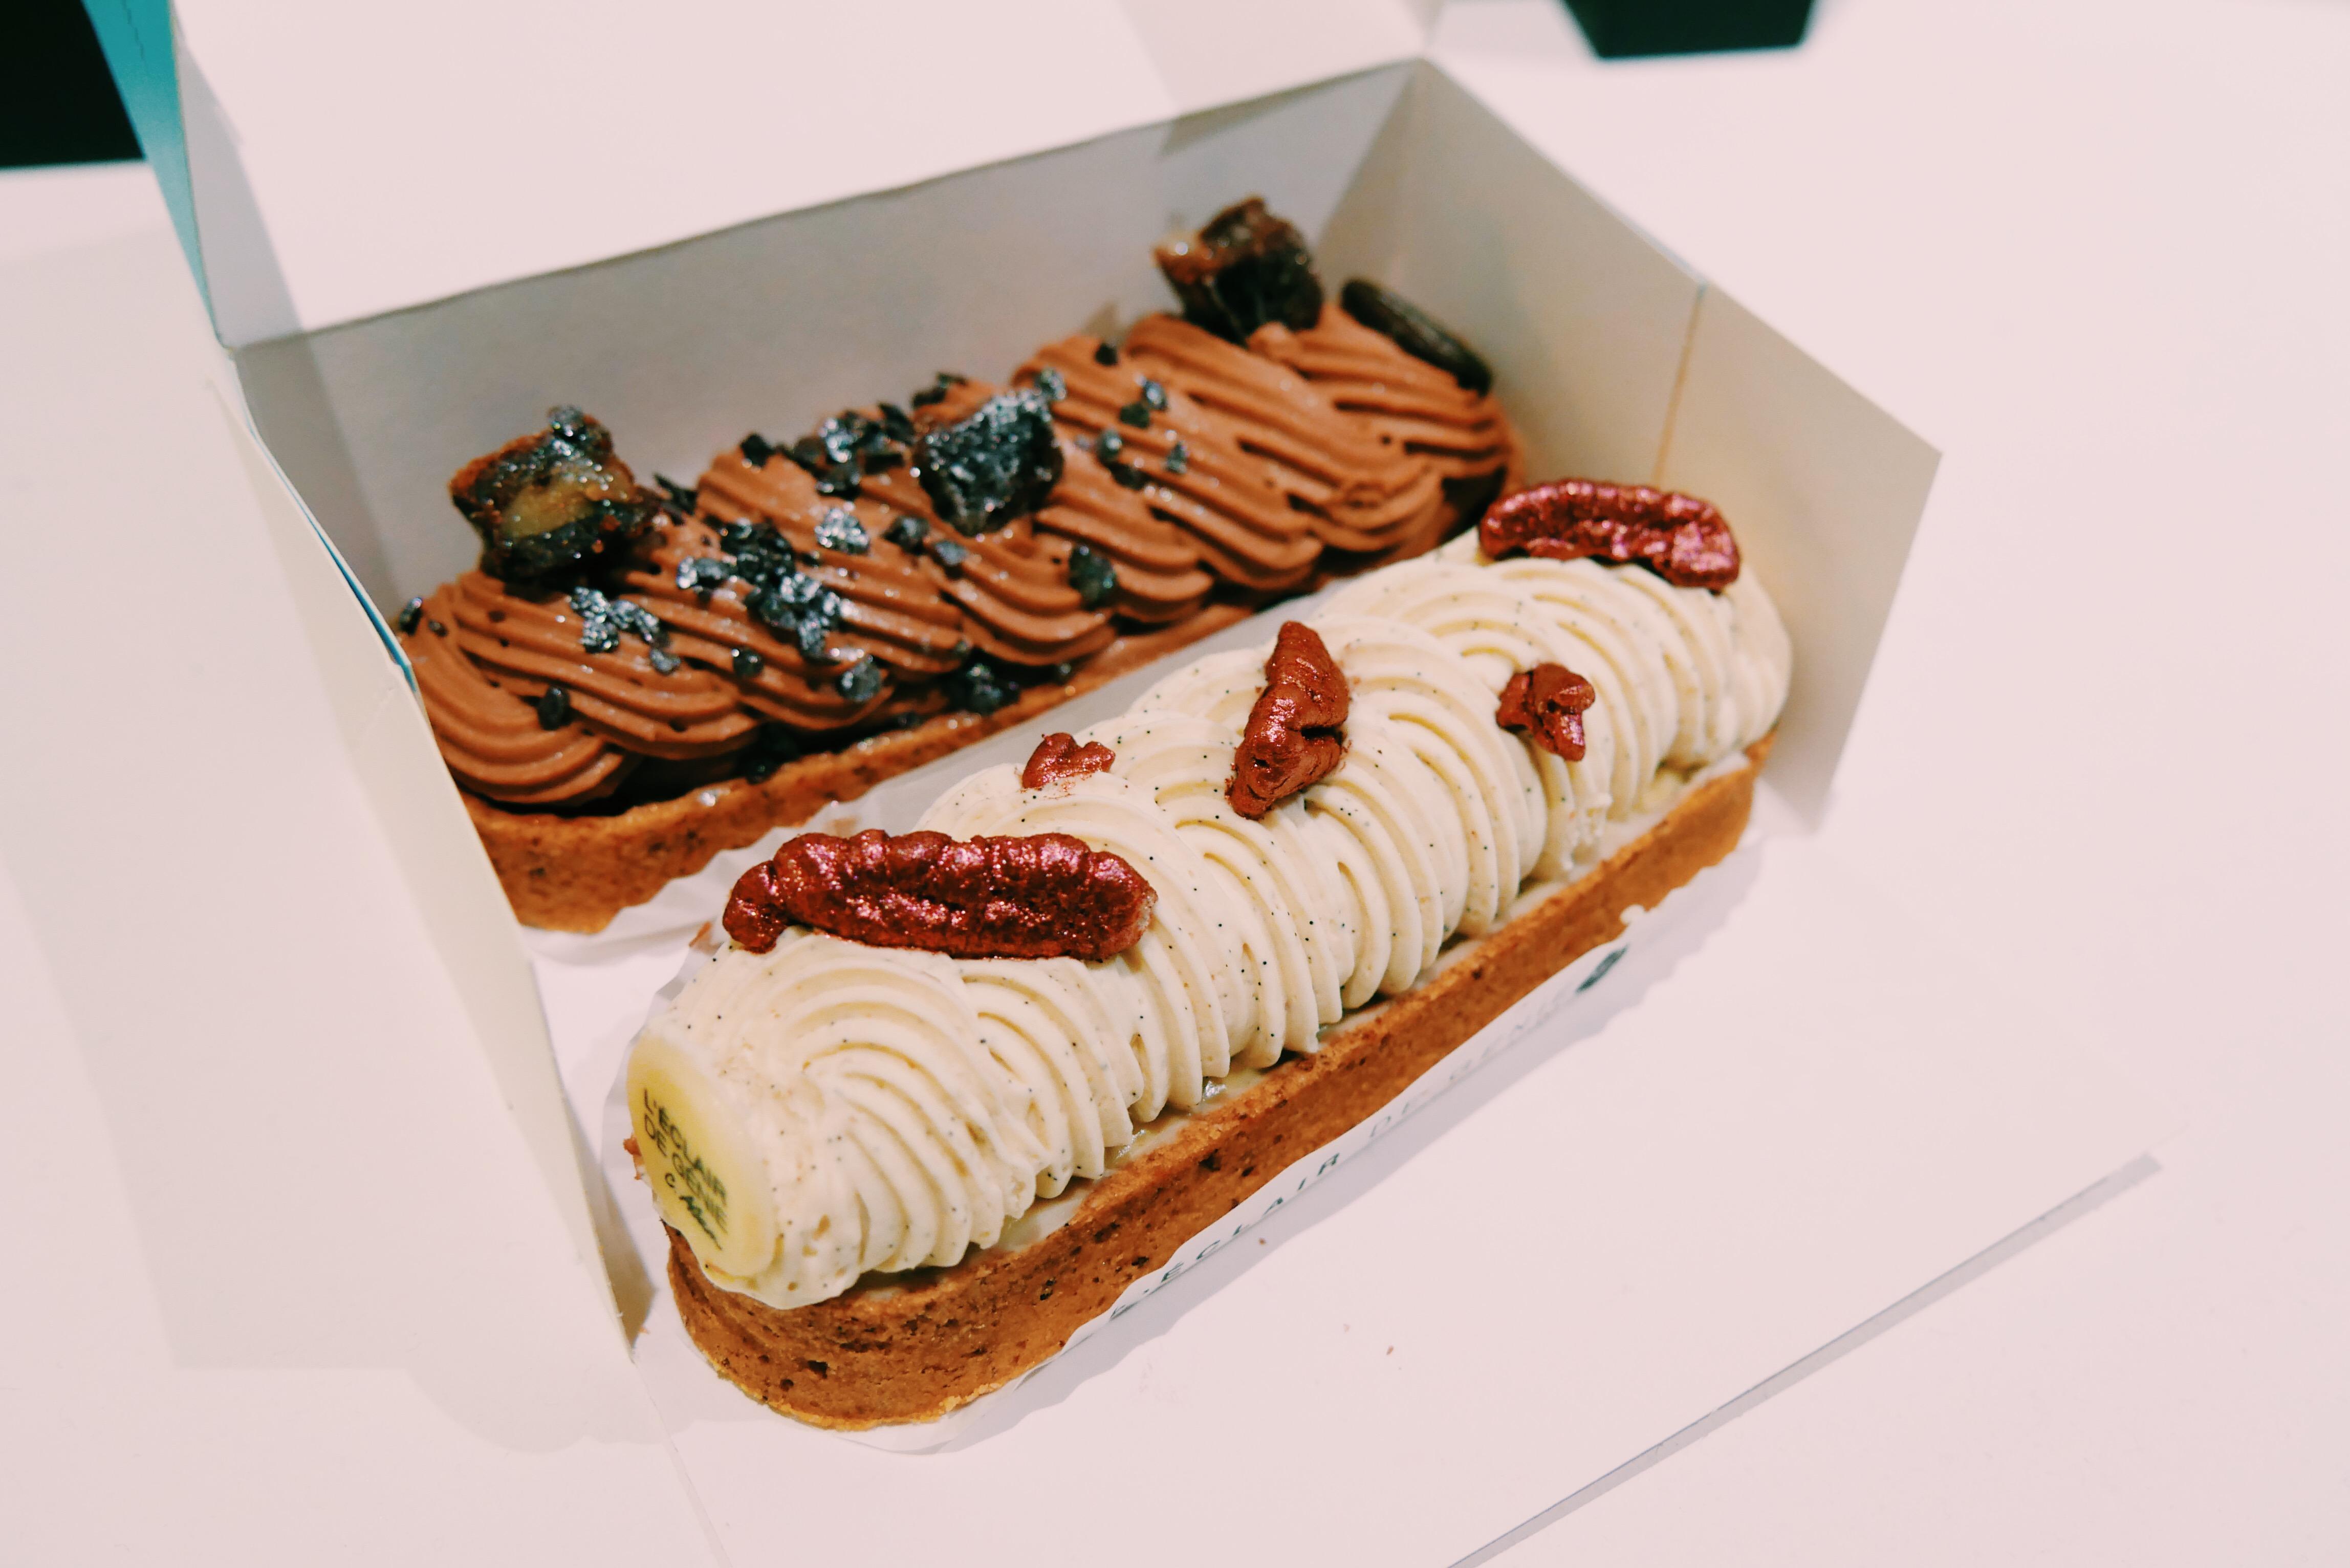 Barlette-La-Vanille-pécan-crème-vanille-de-Madagascar-praliné-pécan-l-éclair-de-génie-christophe-adam-photo-usofparis-blog